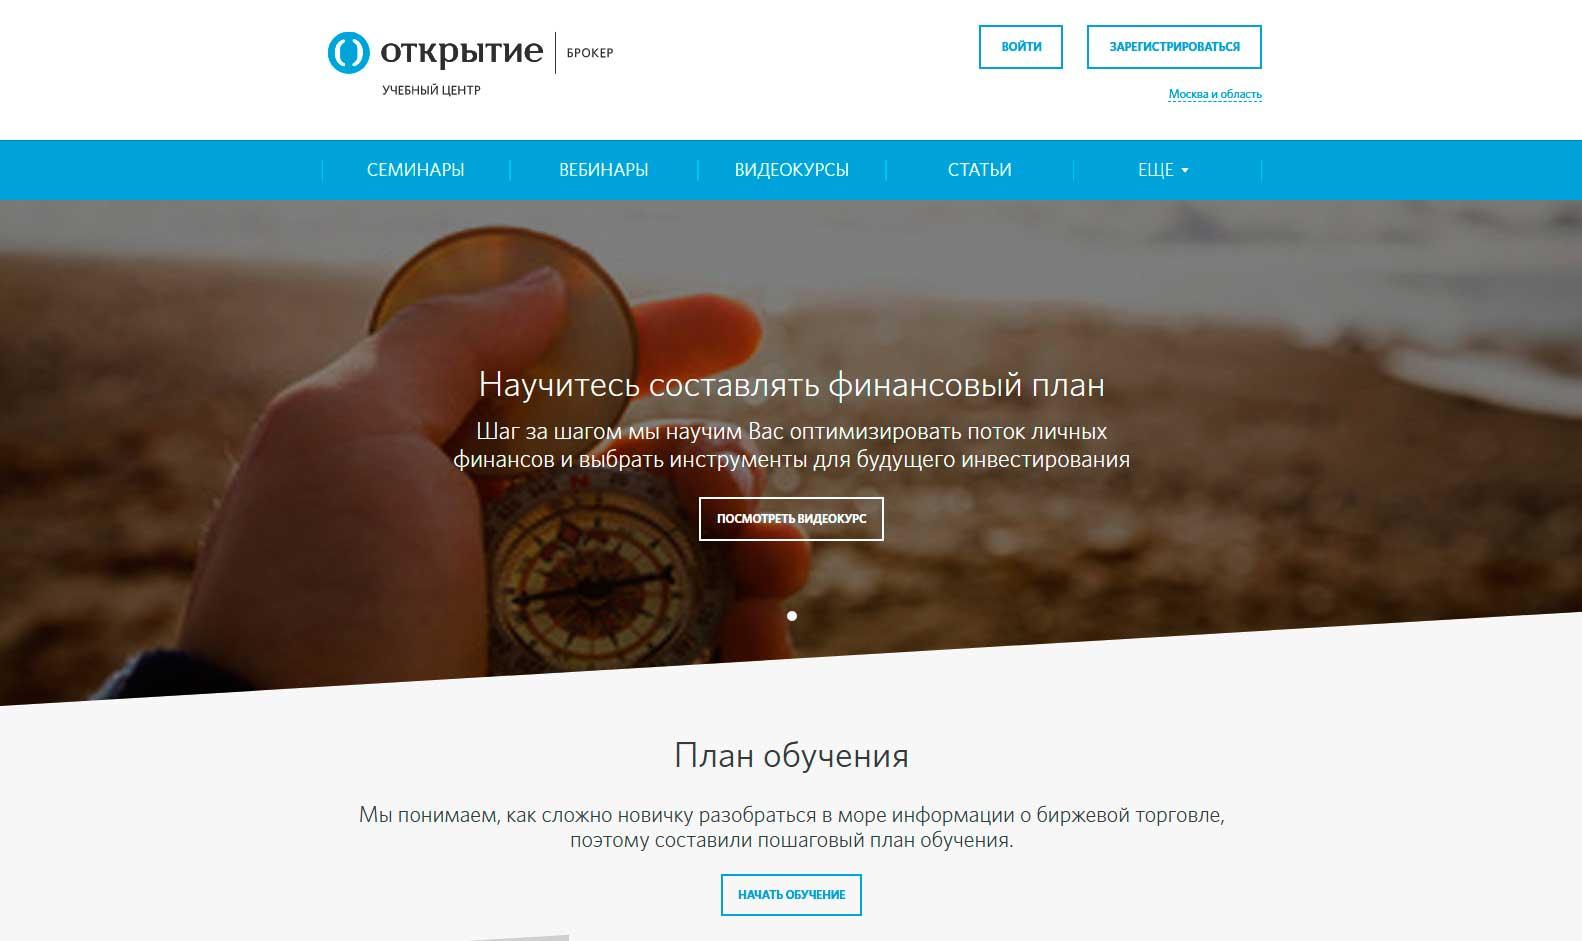 opentrainer официальный сайт